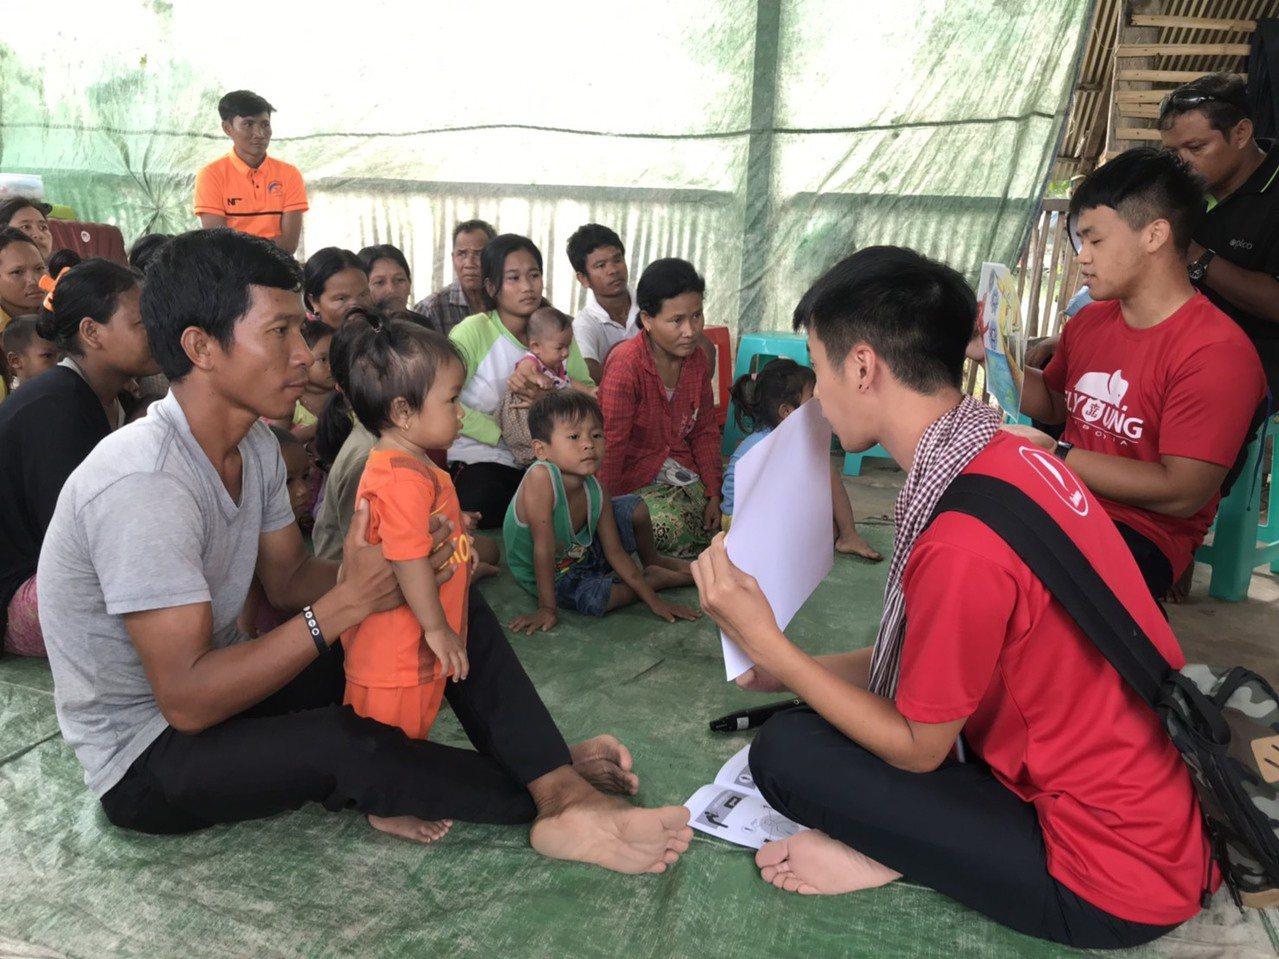 北醫學生到柬埔寨偏鄉進行「急症處理手札」衛教,包括傷口清潔、扭傷緊急固定、腹瀉補...